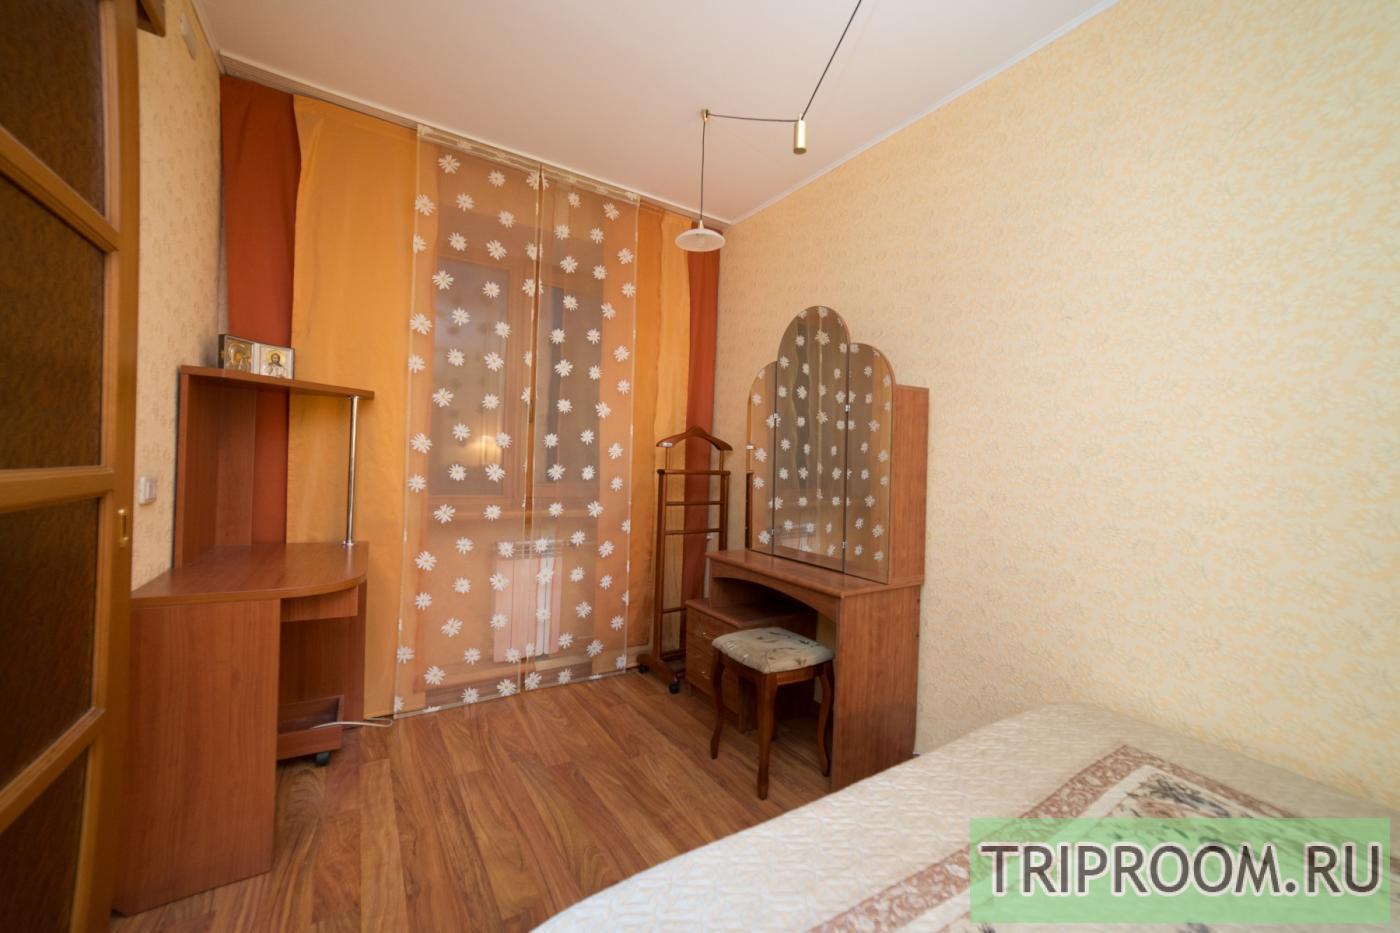 2-комнатная квартира посуточно (вариант № 27140), ул. Ленина улица, фото № 8